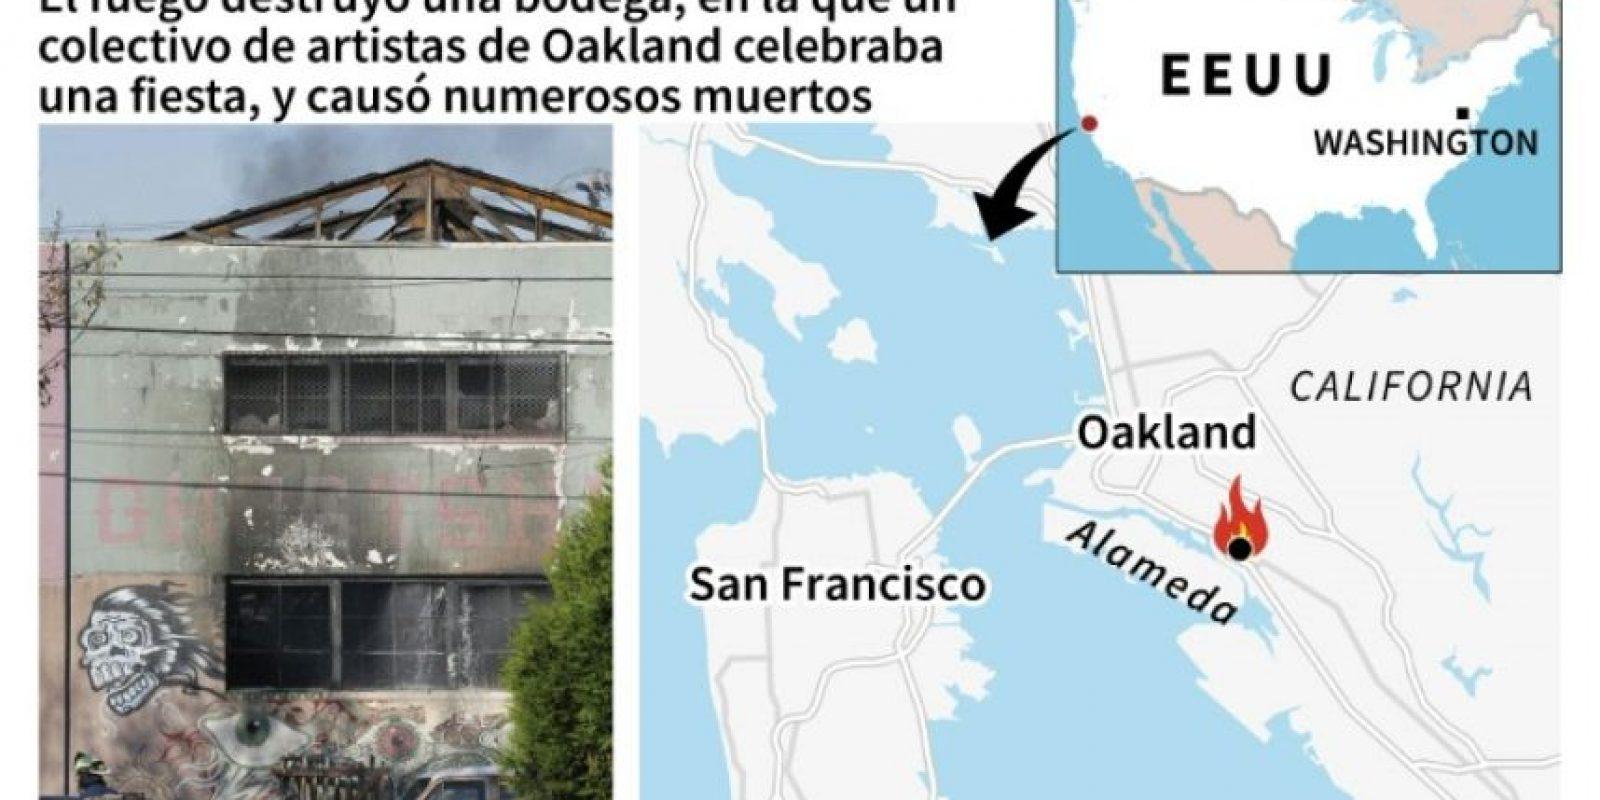 Numerosas personas murieron en el incendio registrado en una bodega en la que un colectivo de artistas de Oakland, cerca de San Francisco (oeste de EEUU) celebraba una fiesta Foto:Marimé Brunengo/afp.com